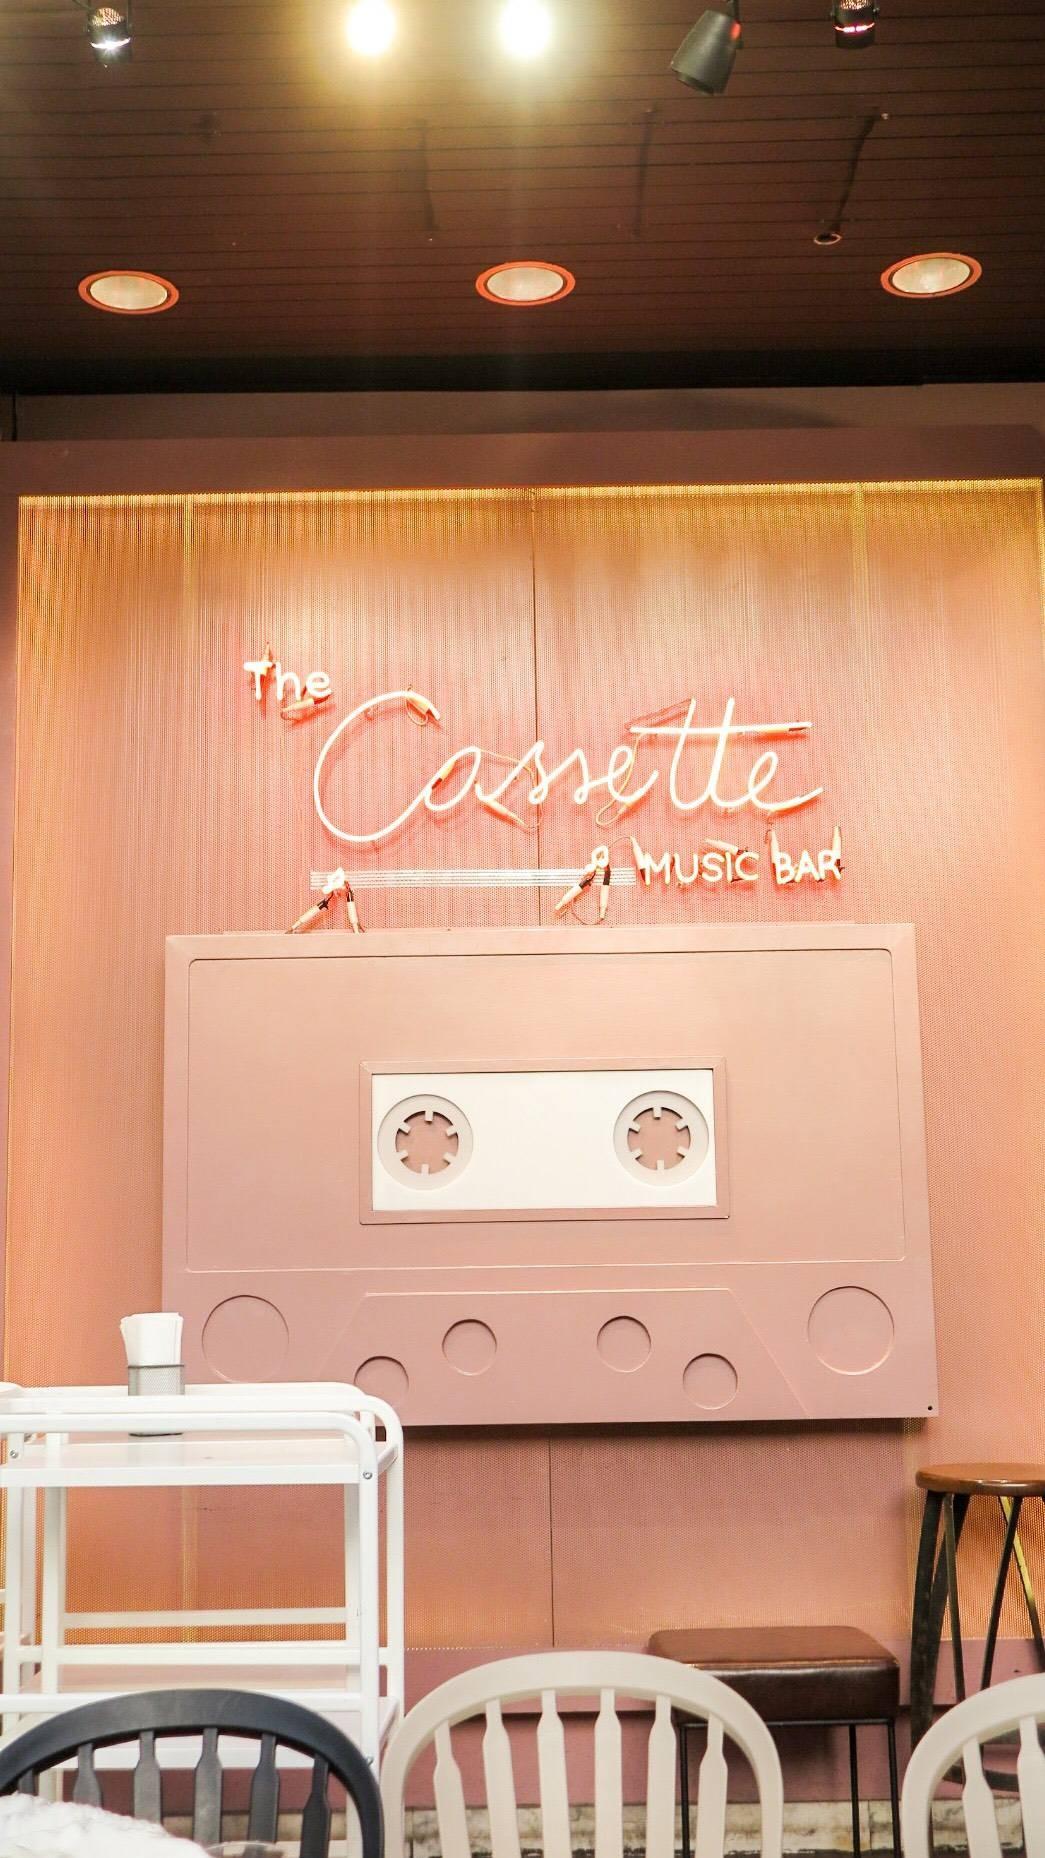 The Cassette Music Bar